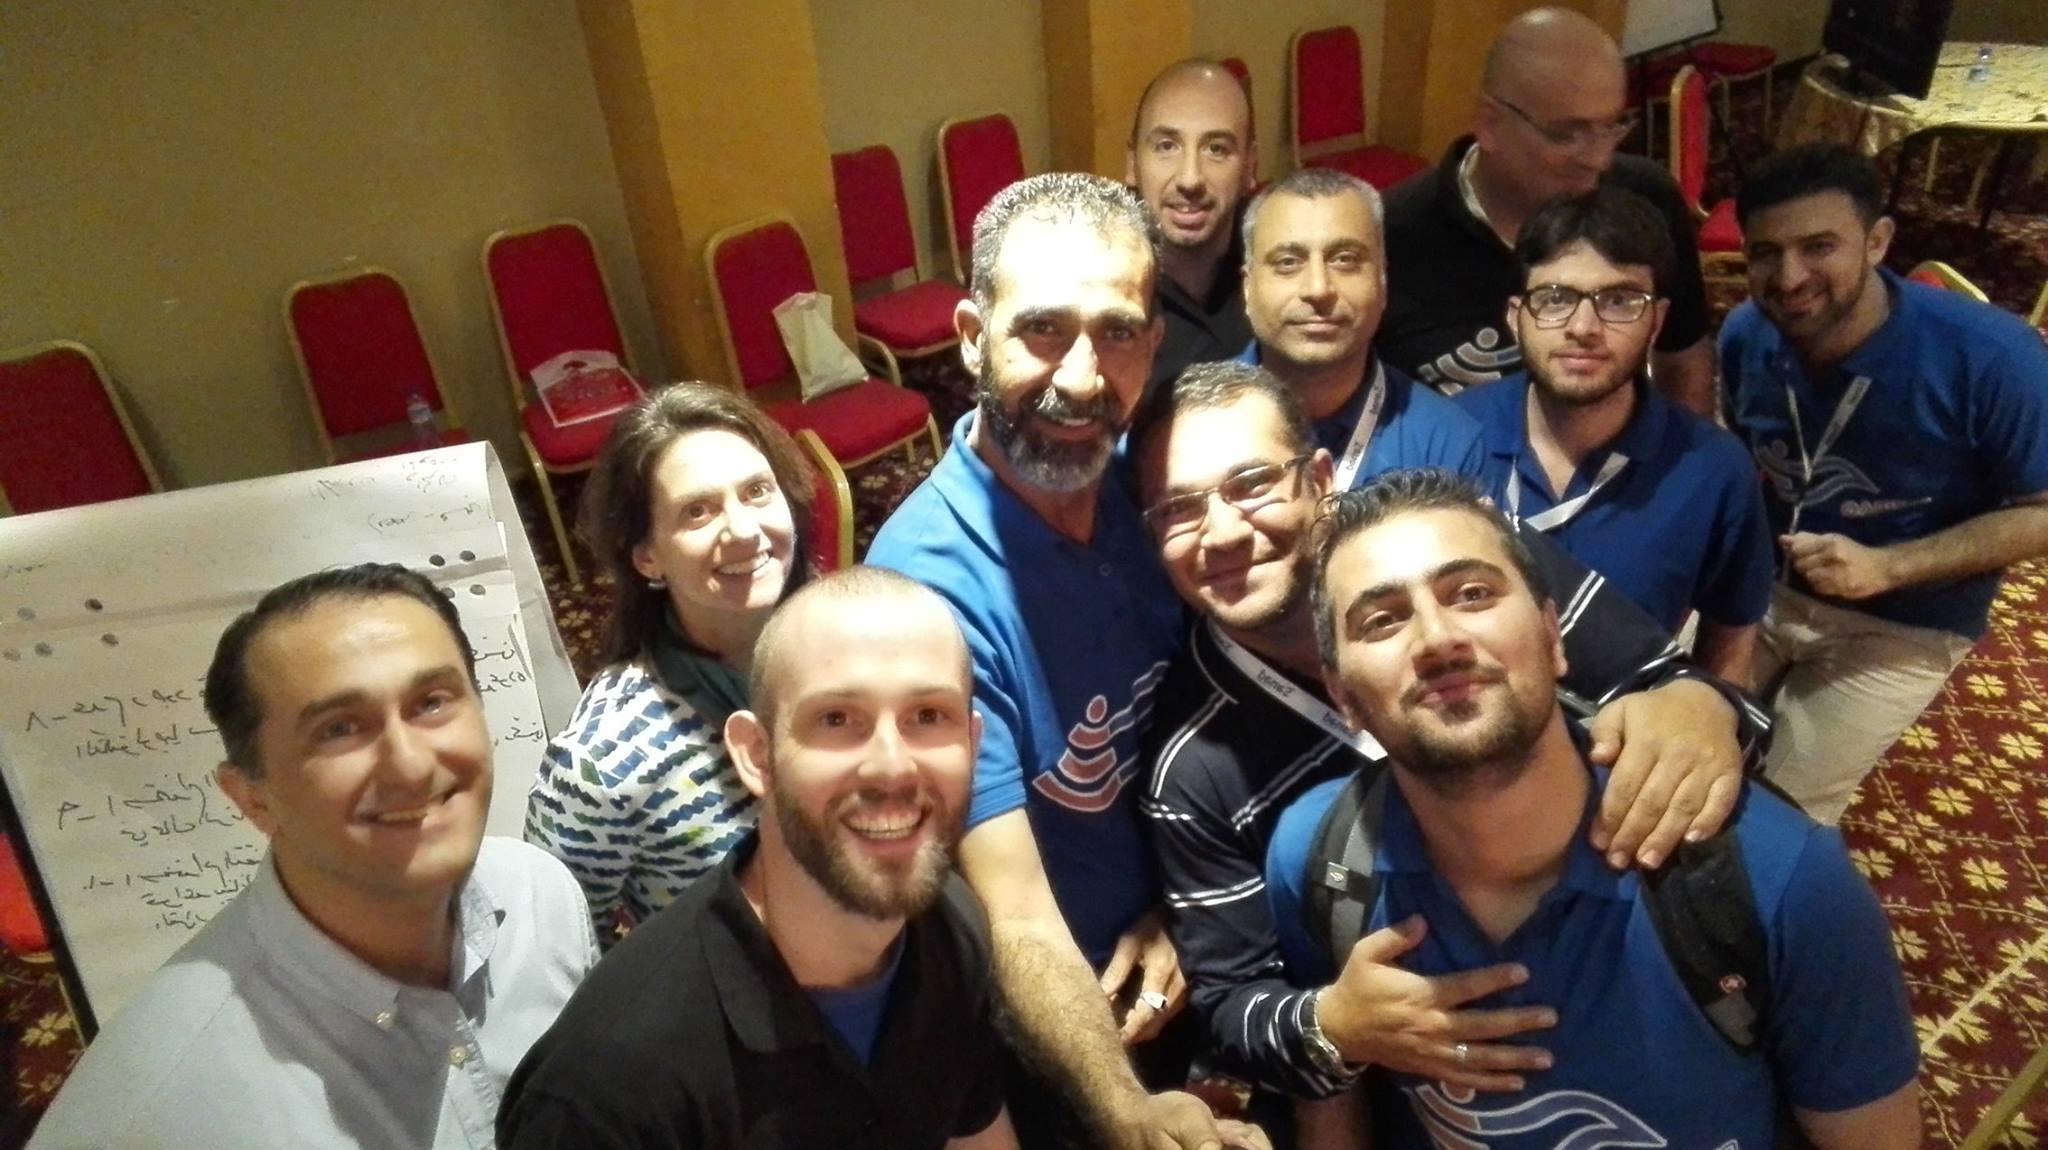 Basra selfie